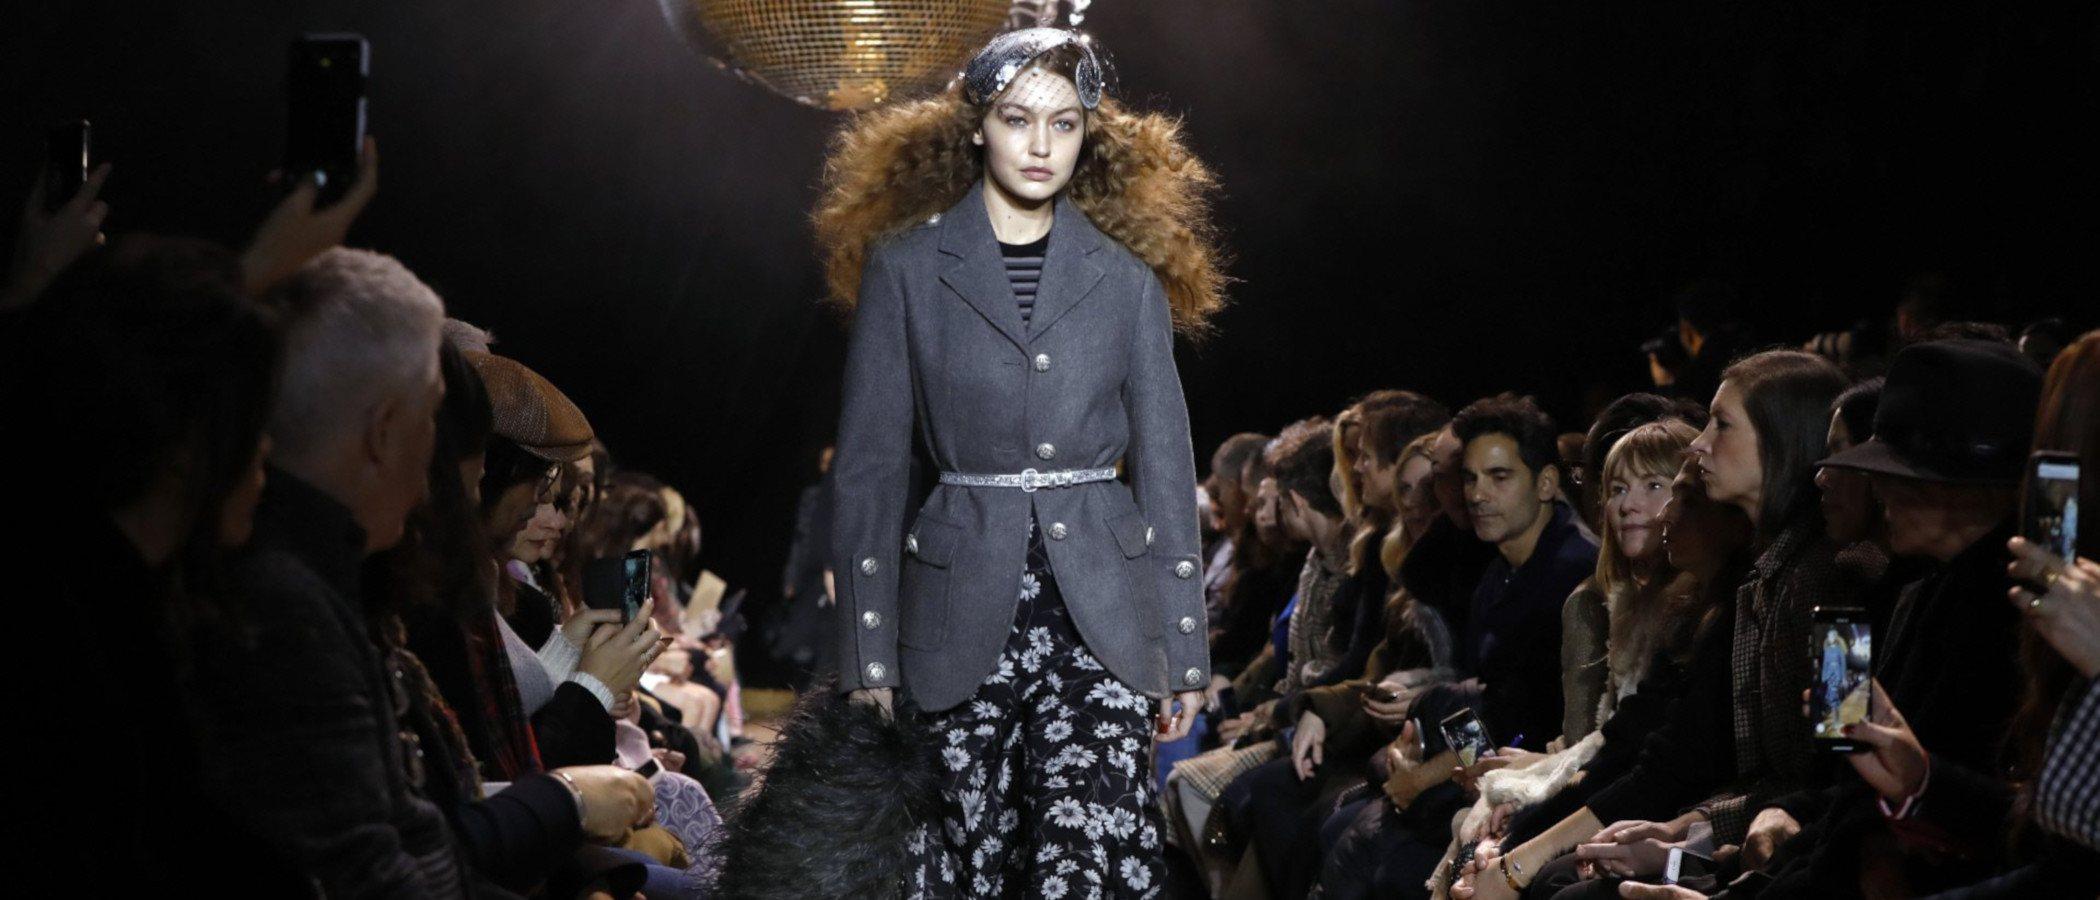 La Fashion Week de Nueva York reduce su duración a solo 5 días